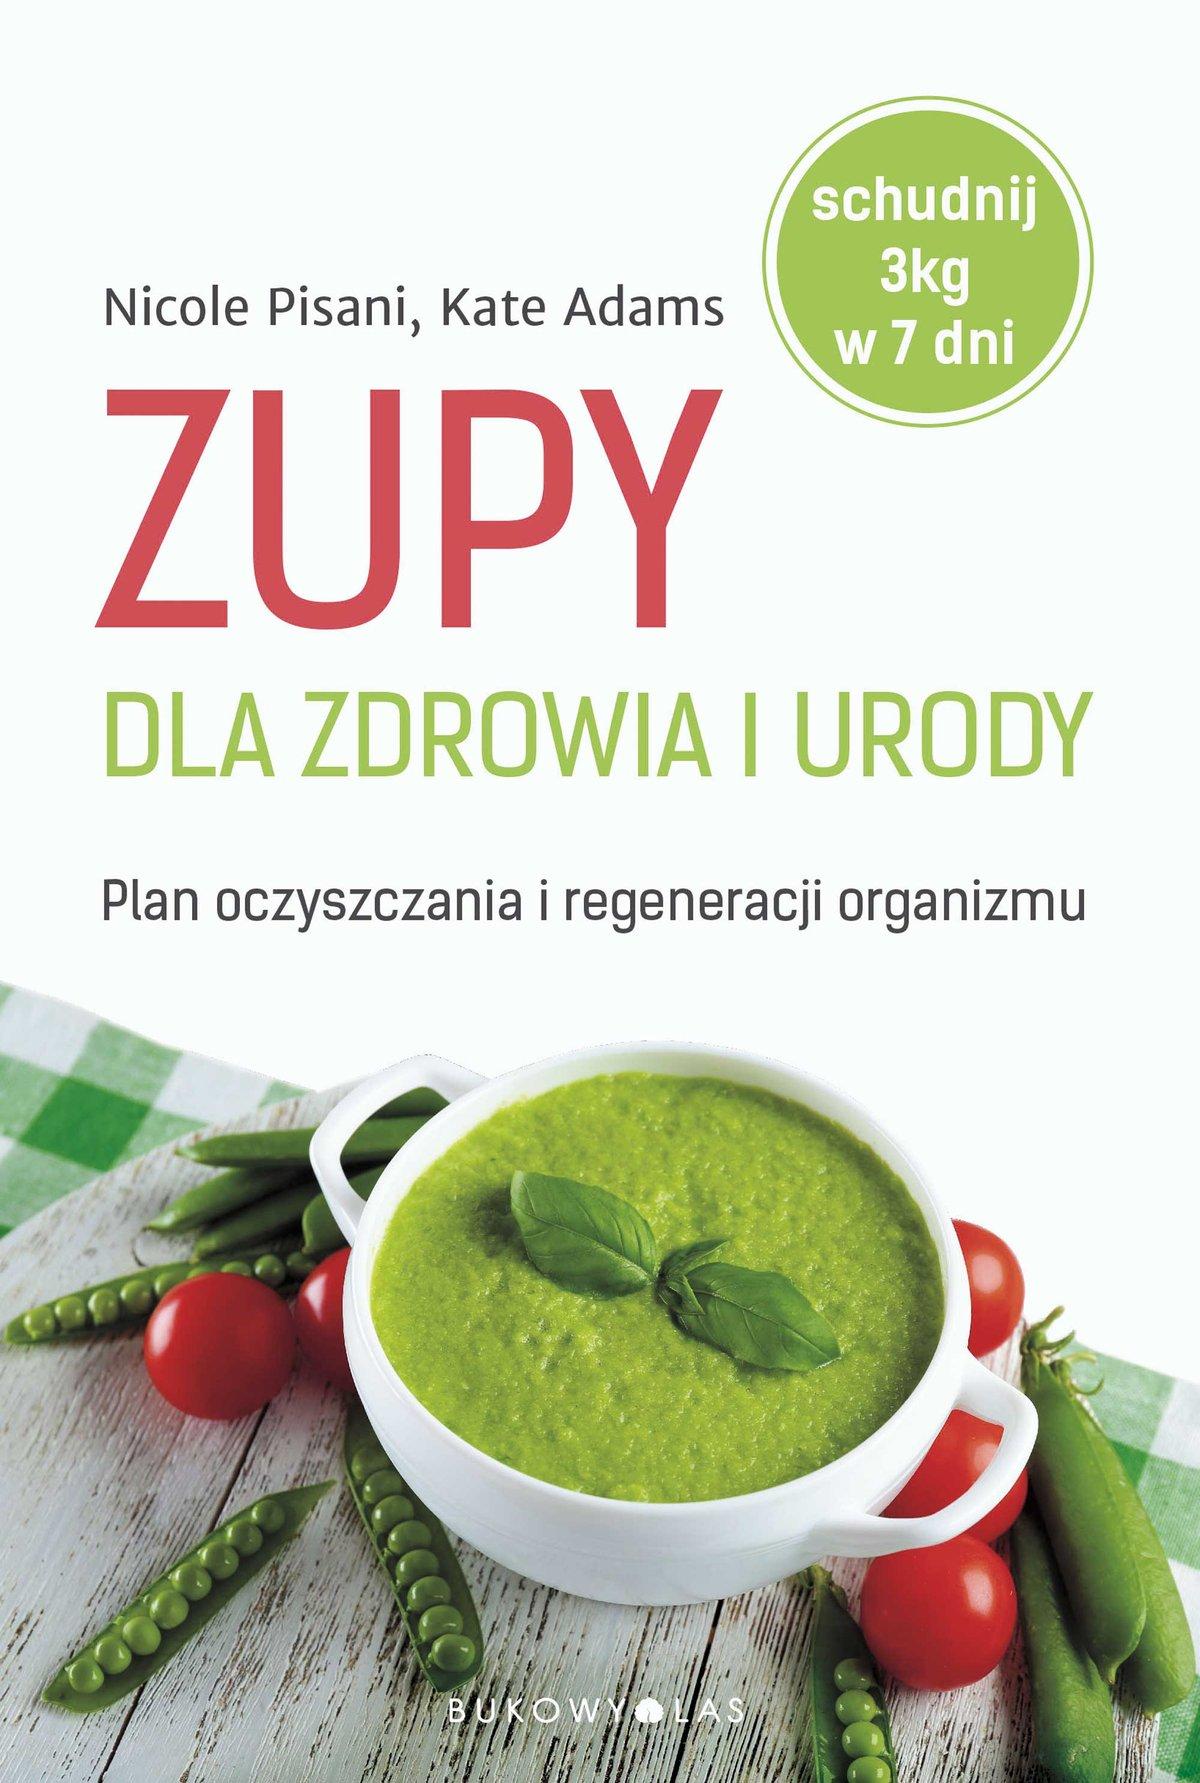 Zupy dla zdrowia i urody - Ebook (Książka na Kindle) do pobrania w formacie MOBI